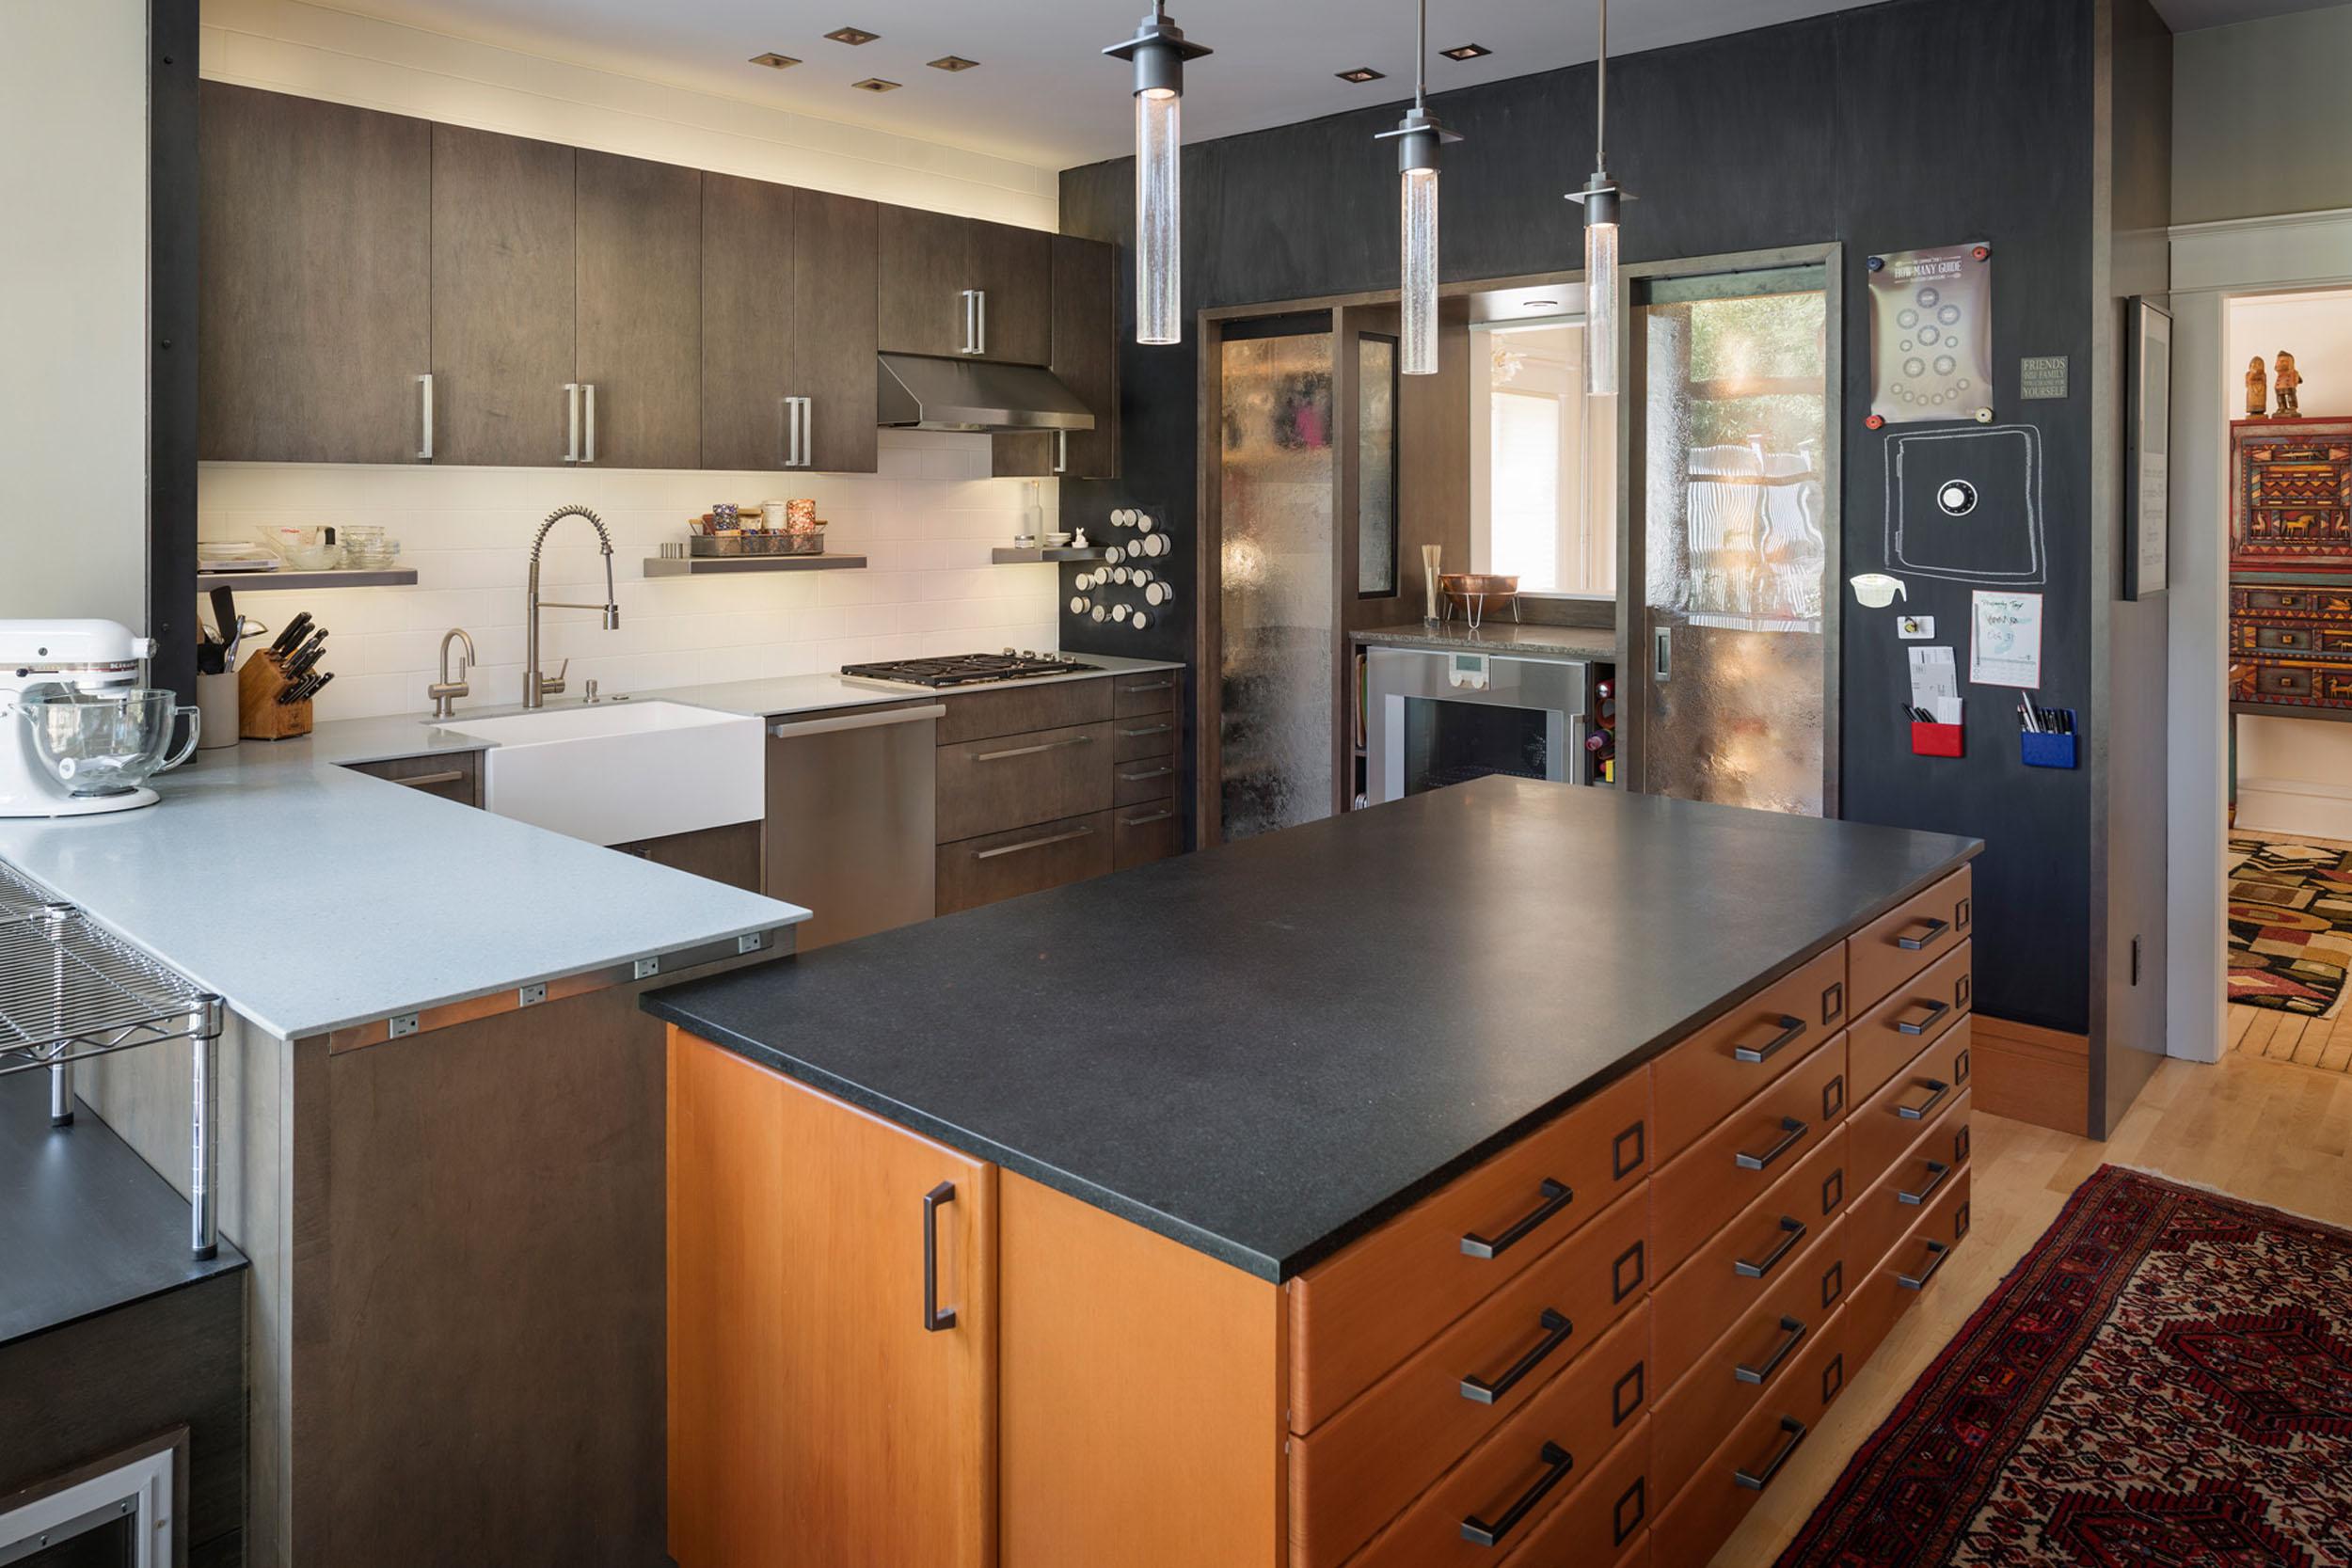 baker's-kitchen-remodel-3.jpg